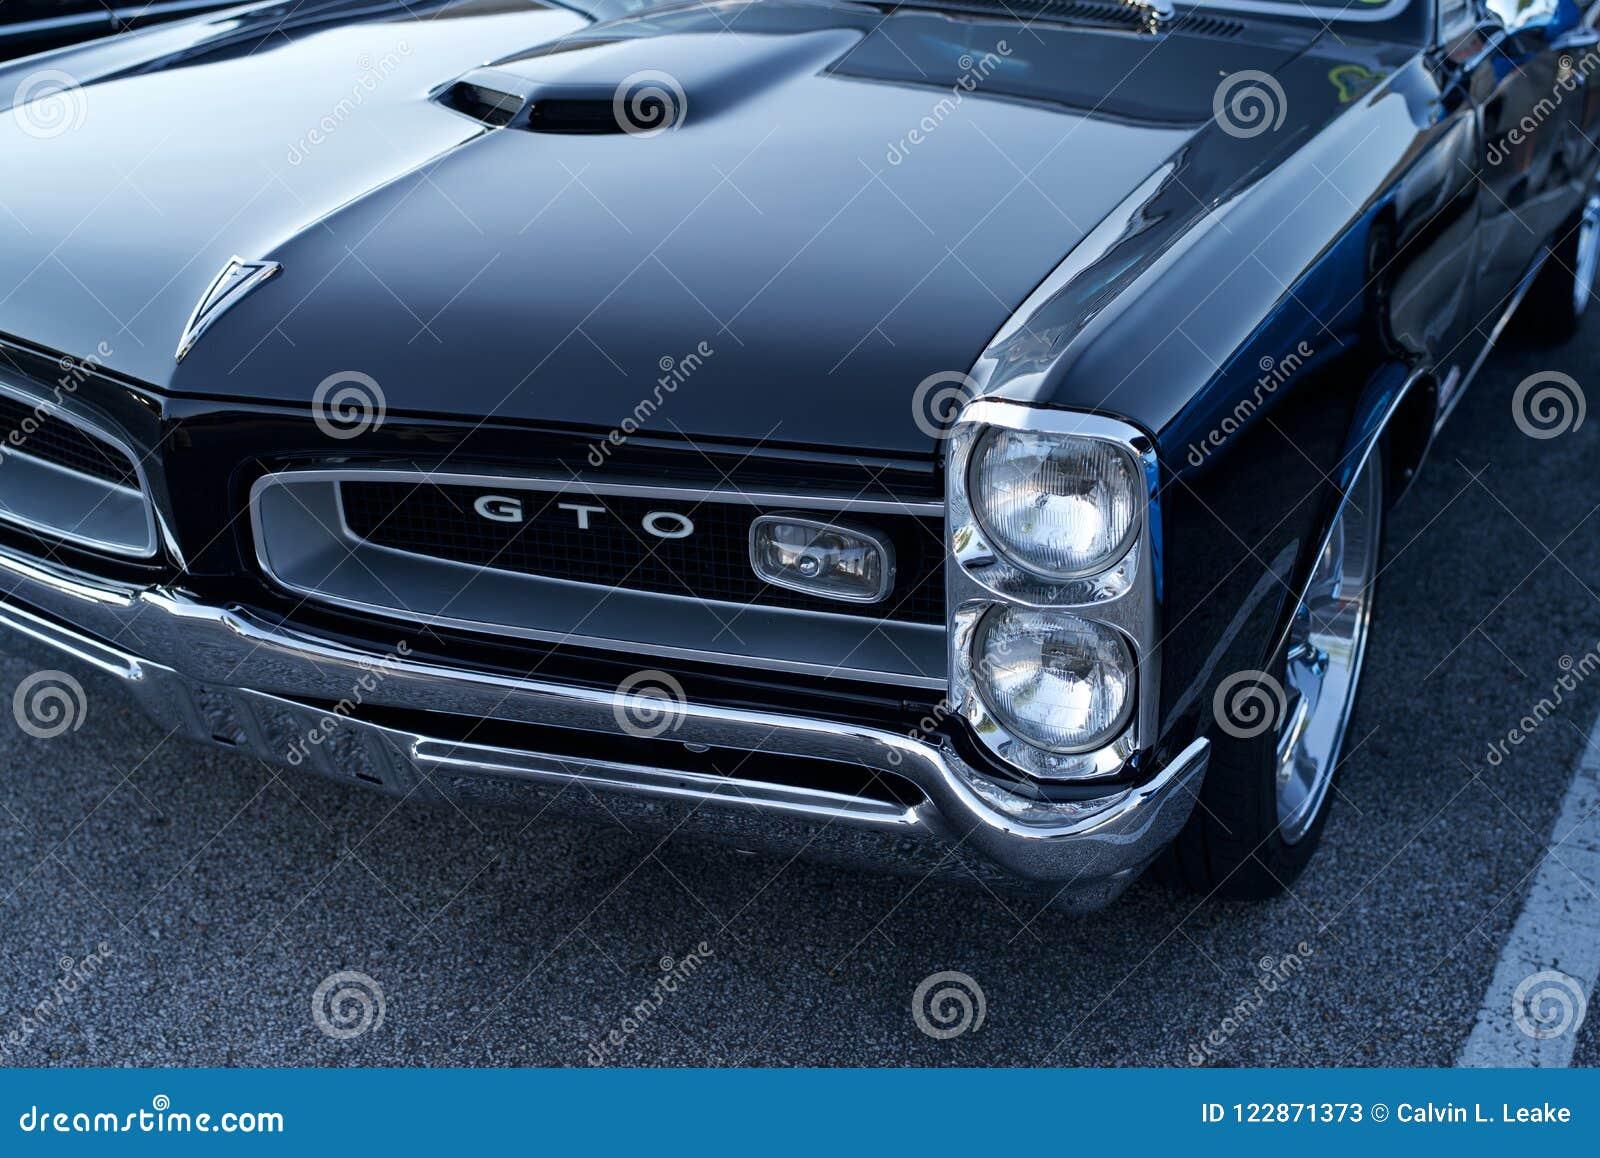 Gto Pontiac 1969 Foto De Stock Editorial Imagem De 1969 122871373